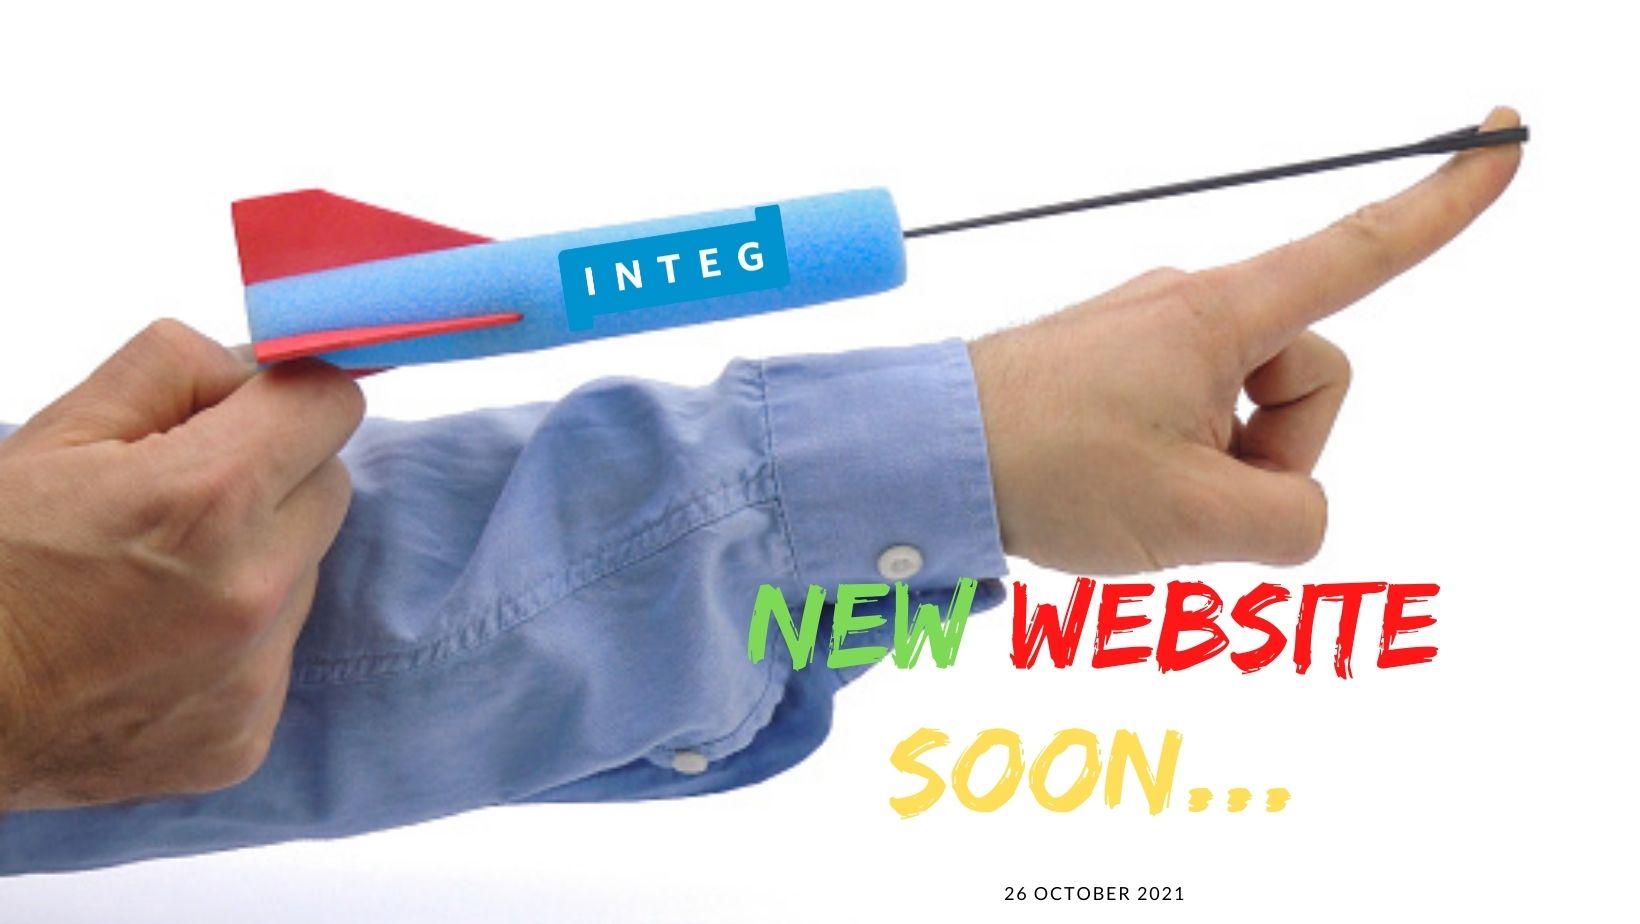 New Website Soon